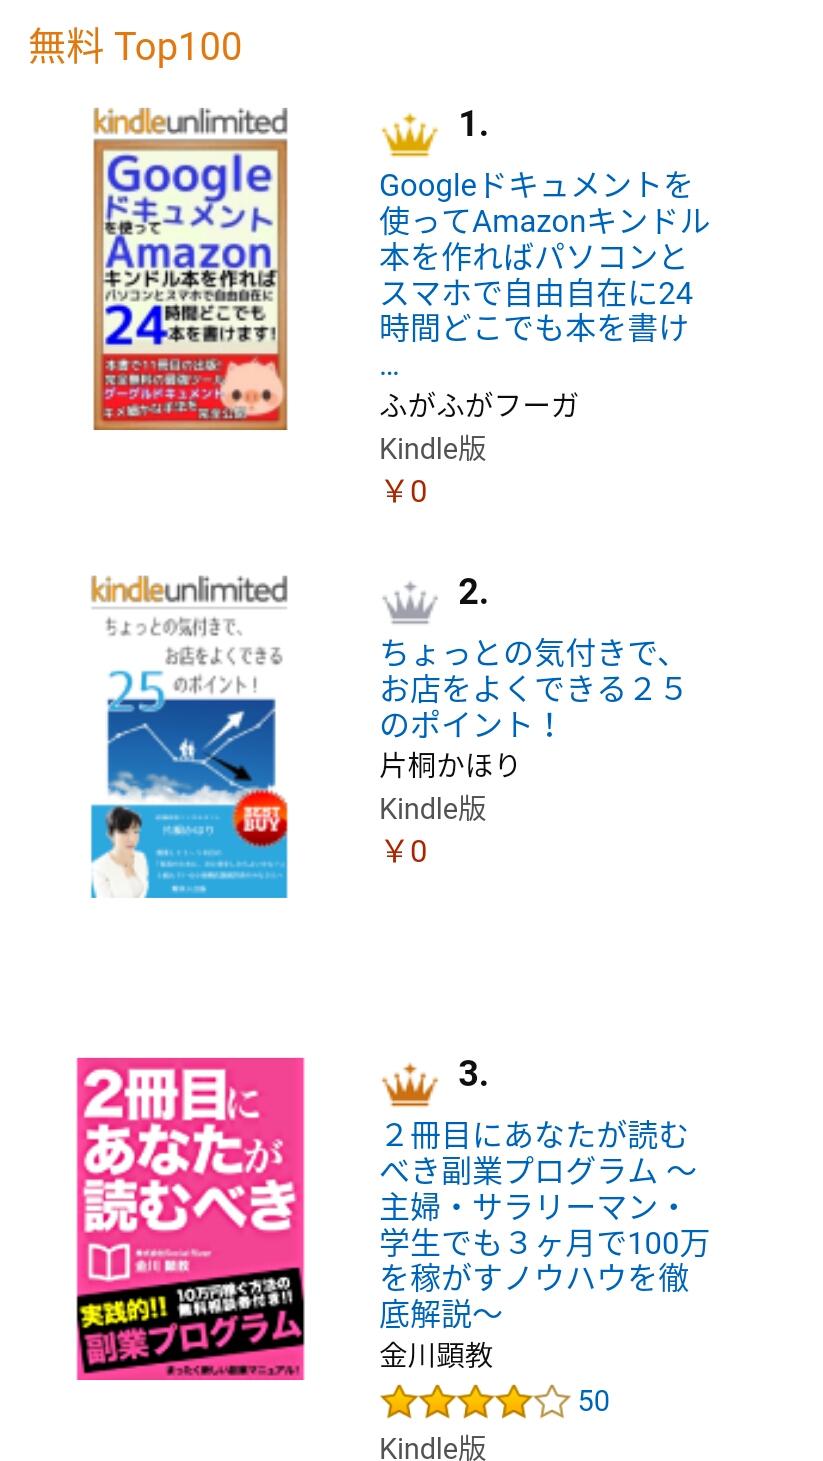 アマゾンランキング第1位!セールス・マーケティング